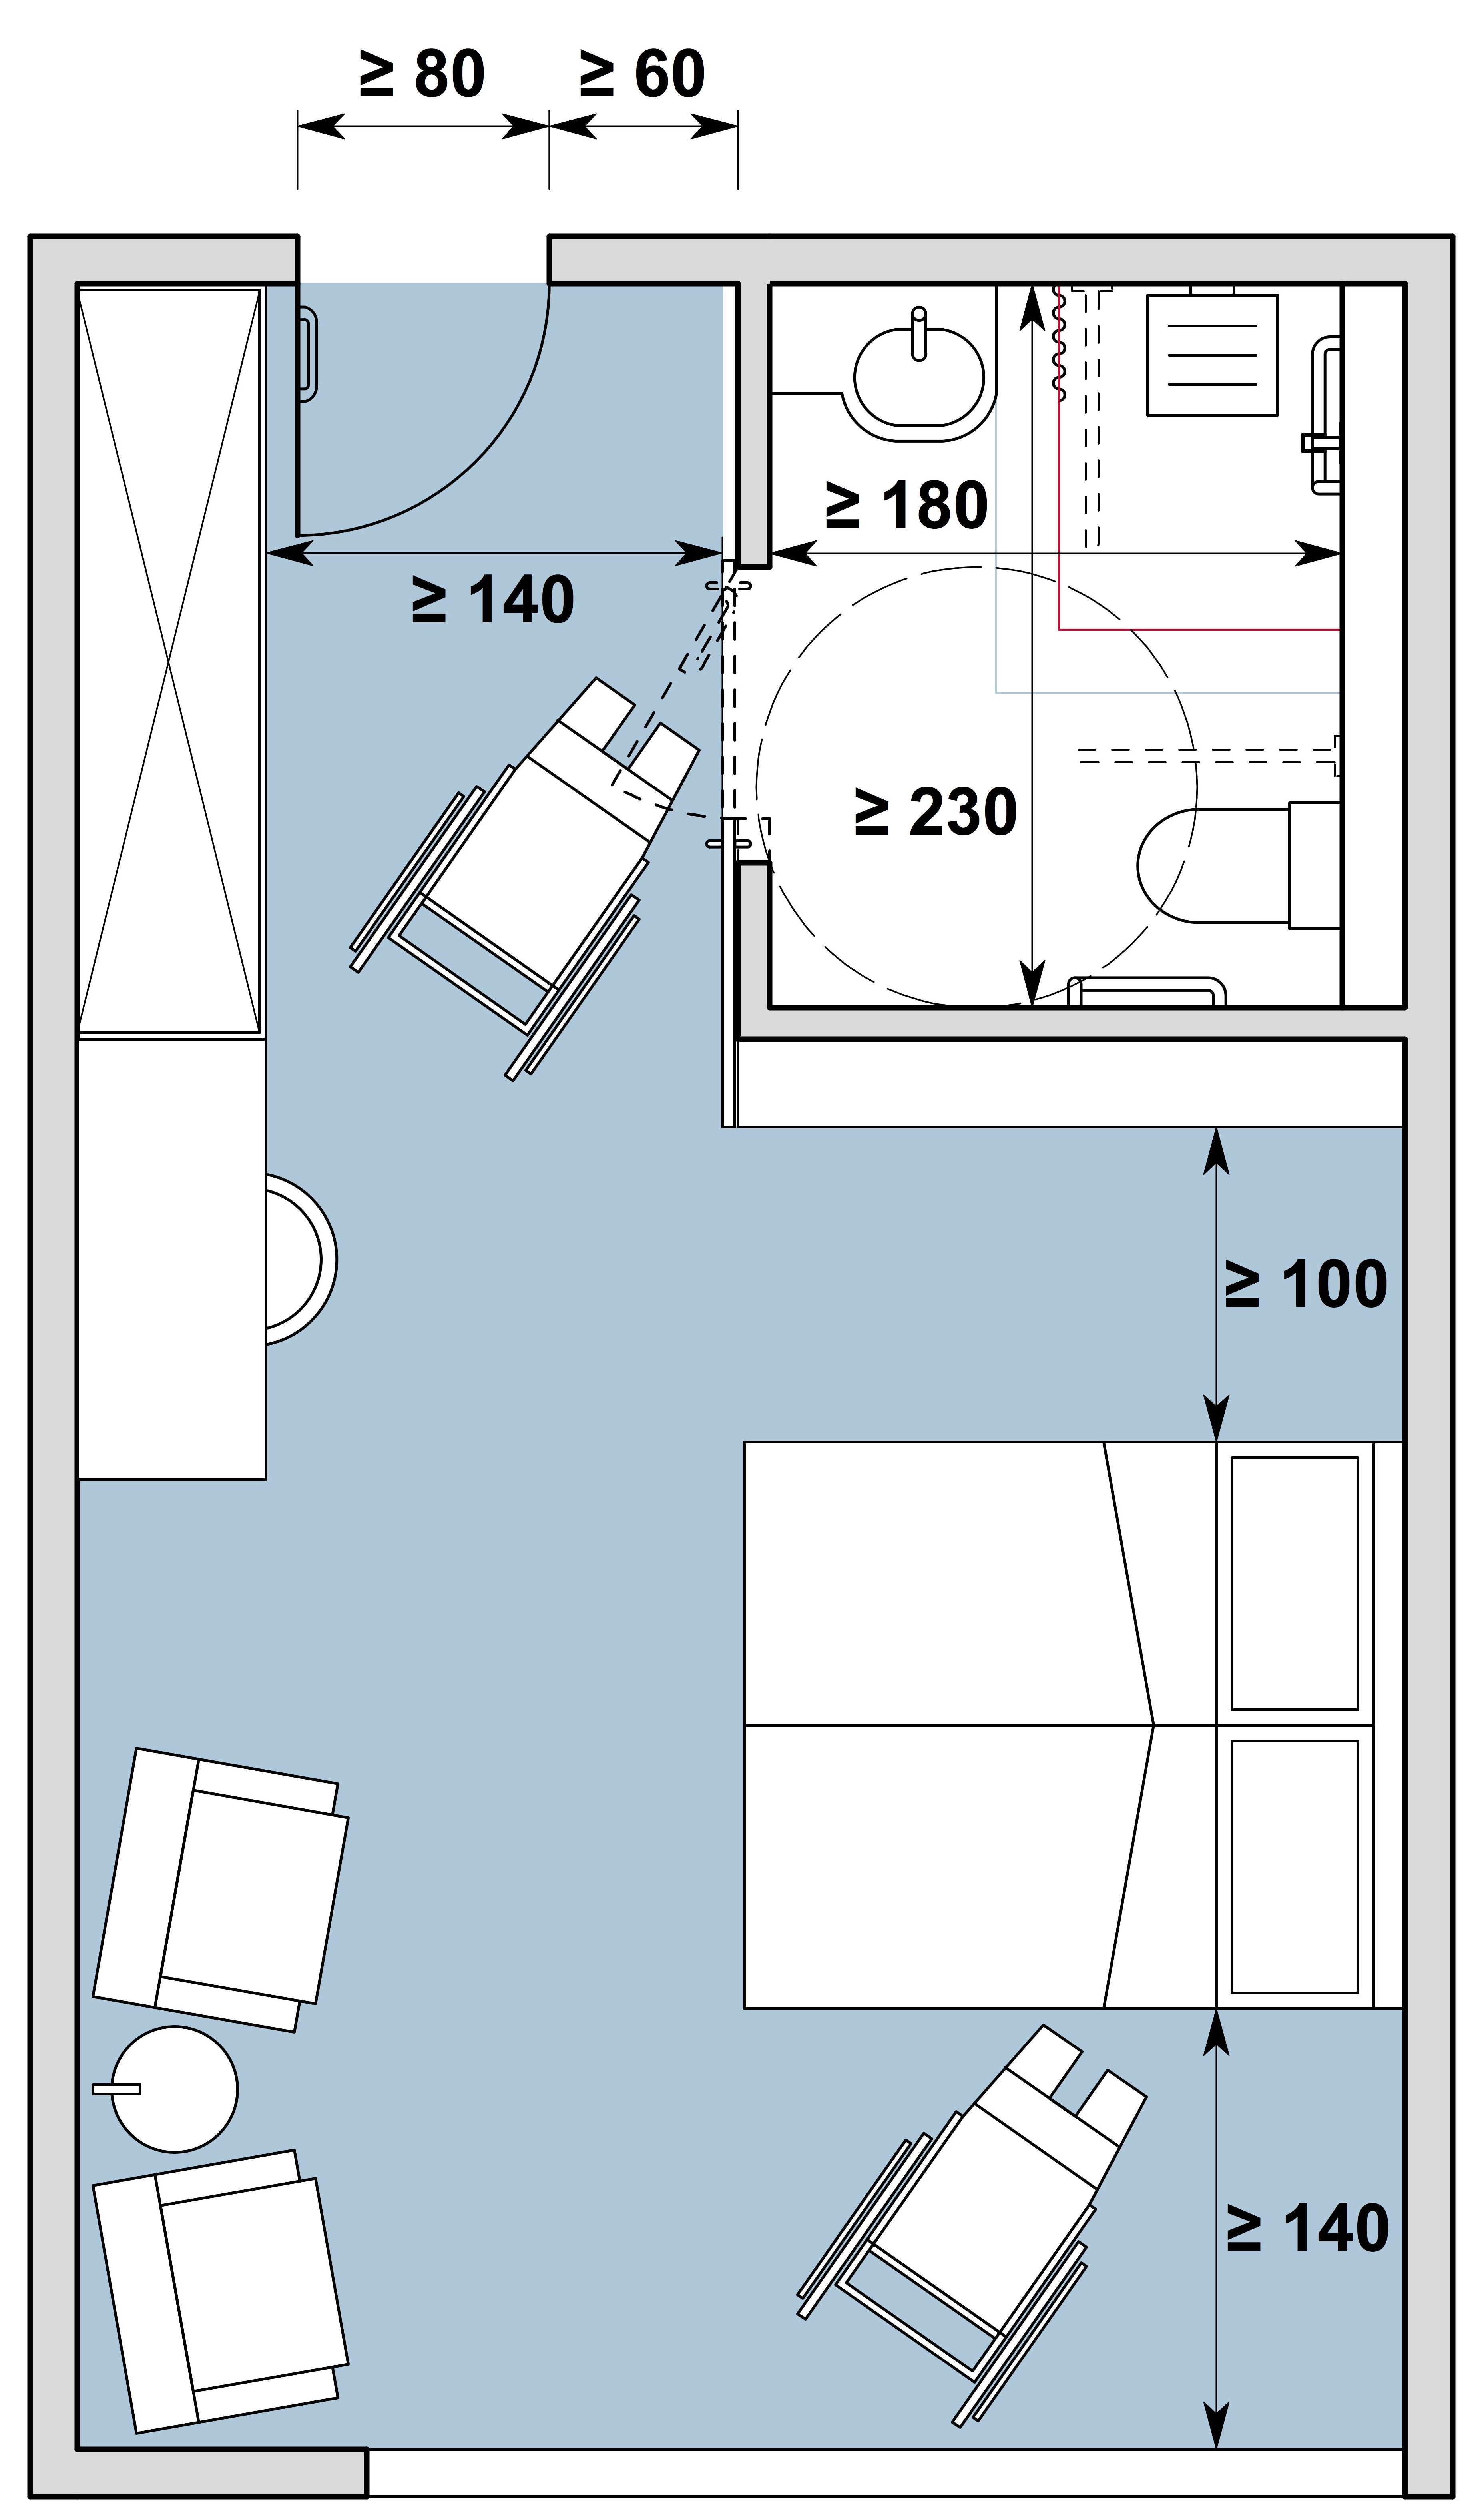 abstand wc wand hohe wc mal m der abstand zwischen beiden mittellchen ist mm design wand wc. Black Bedroom Furniture Sets. Home Design Ideas